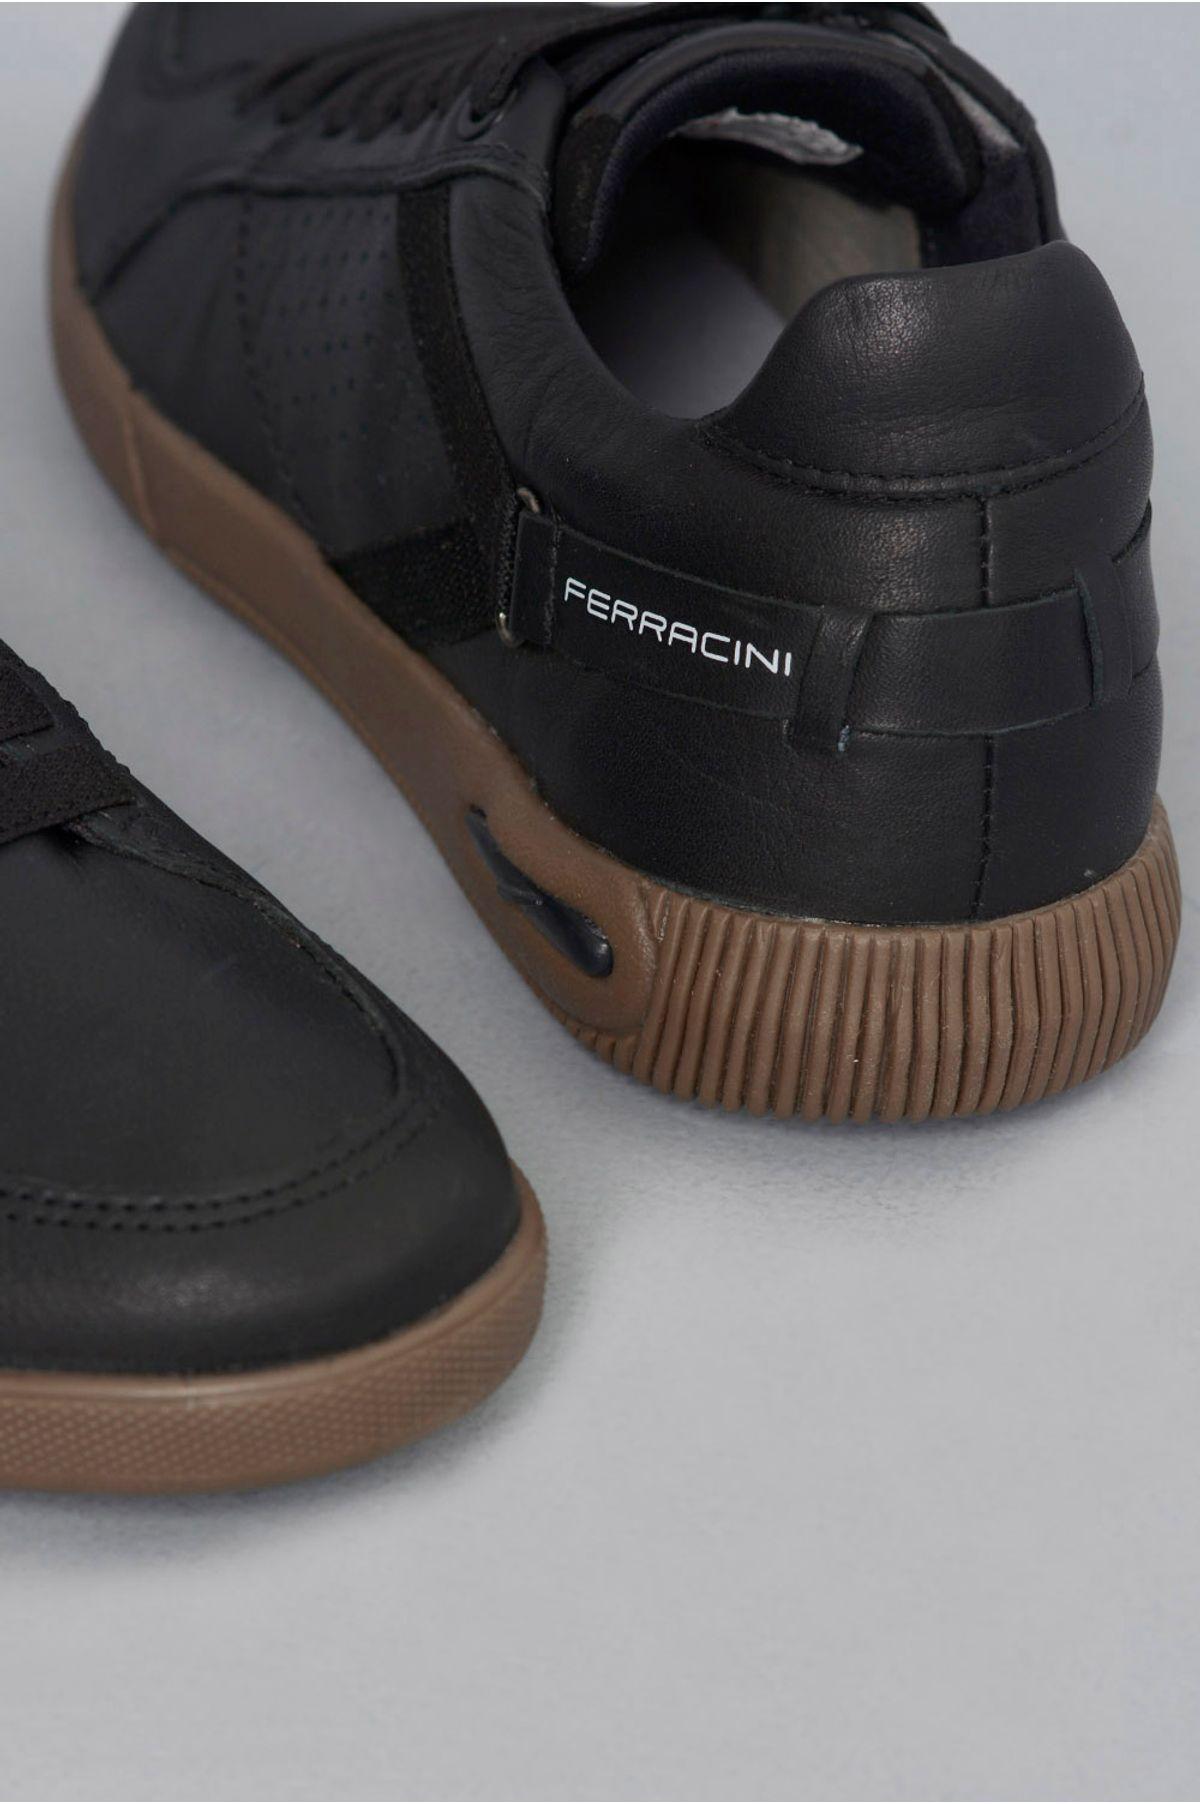 2a086e71b076b Sapatênis Ferracini Blady CR-PRETO - Mundial Calçados